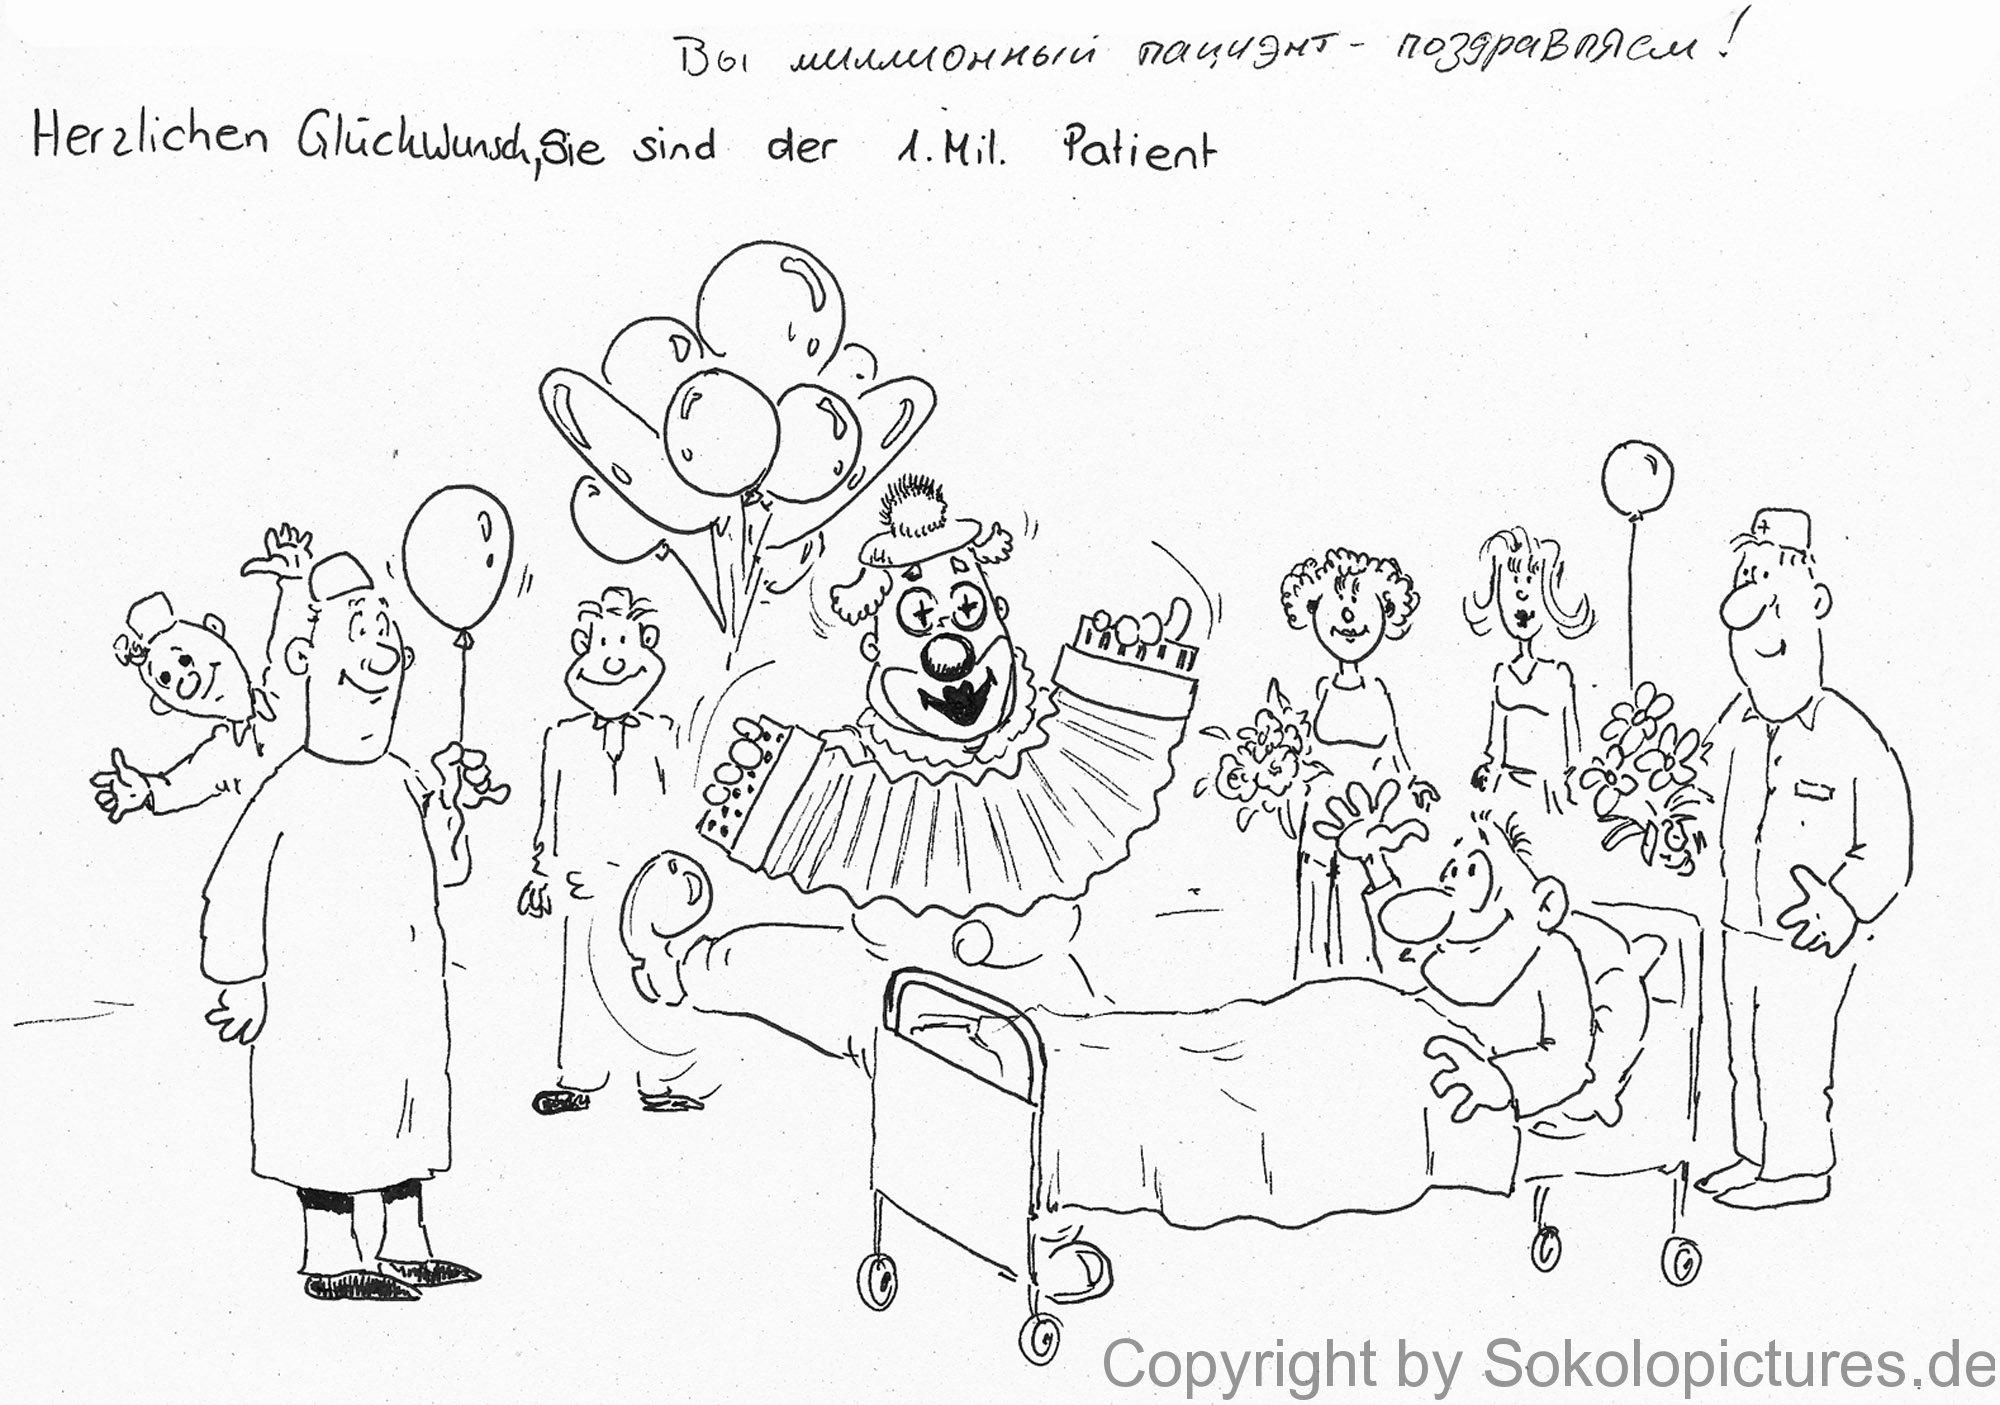 karikatur019